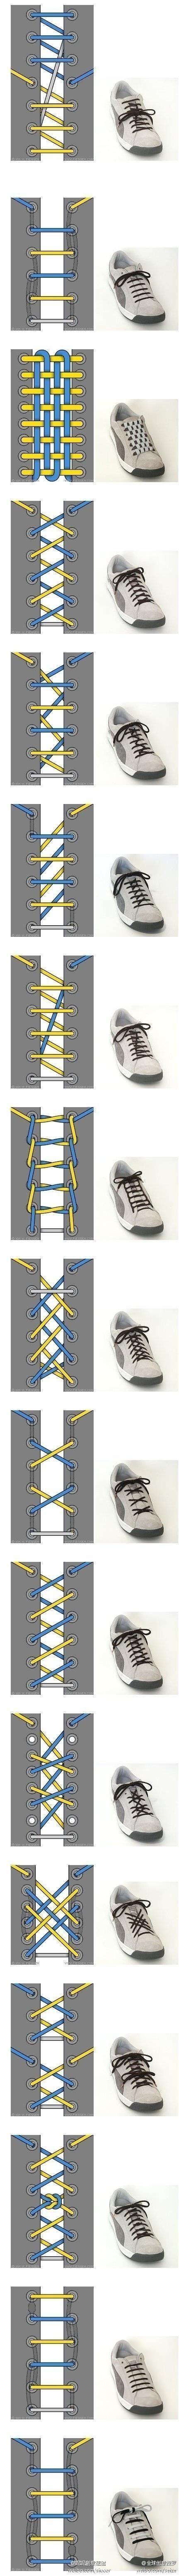 Шнуровка обуви